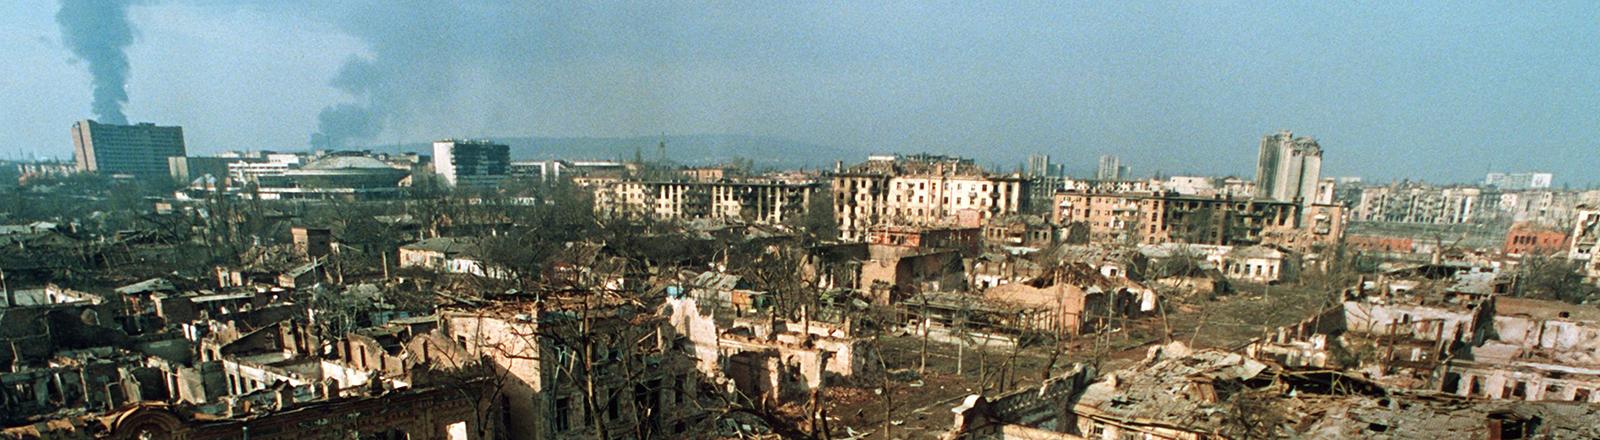 Die tschetschenische Hauptstadt Grosny am 20.02.1995